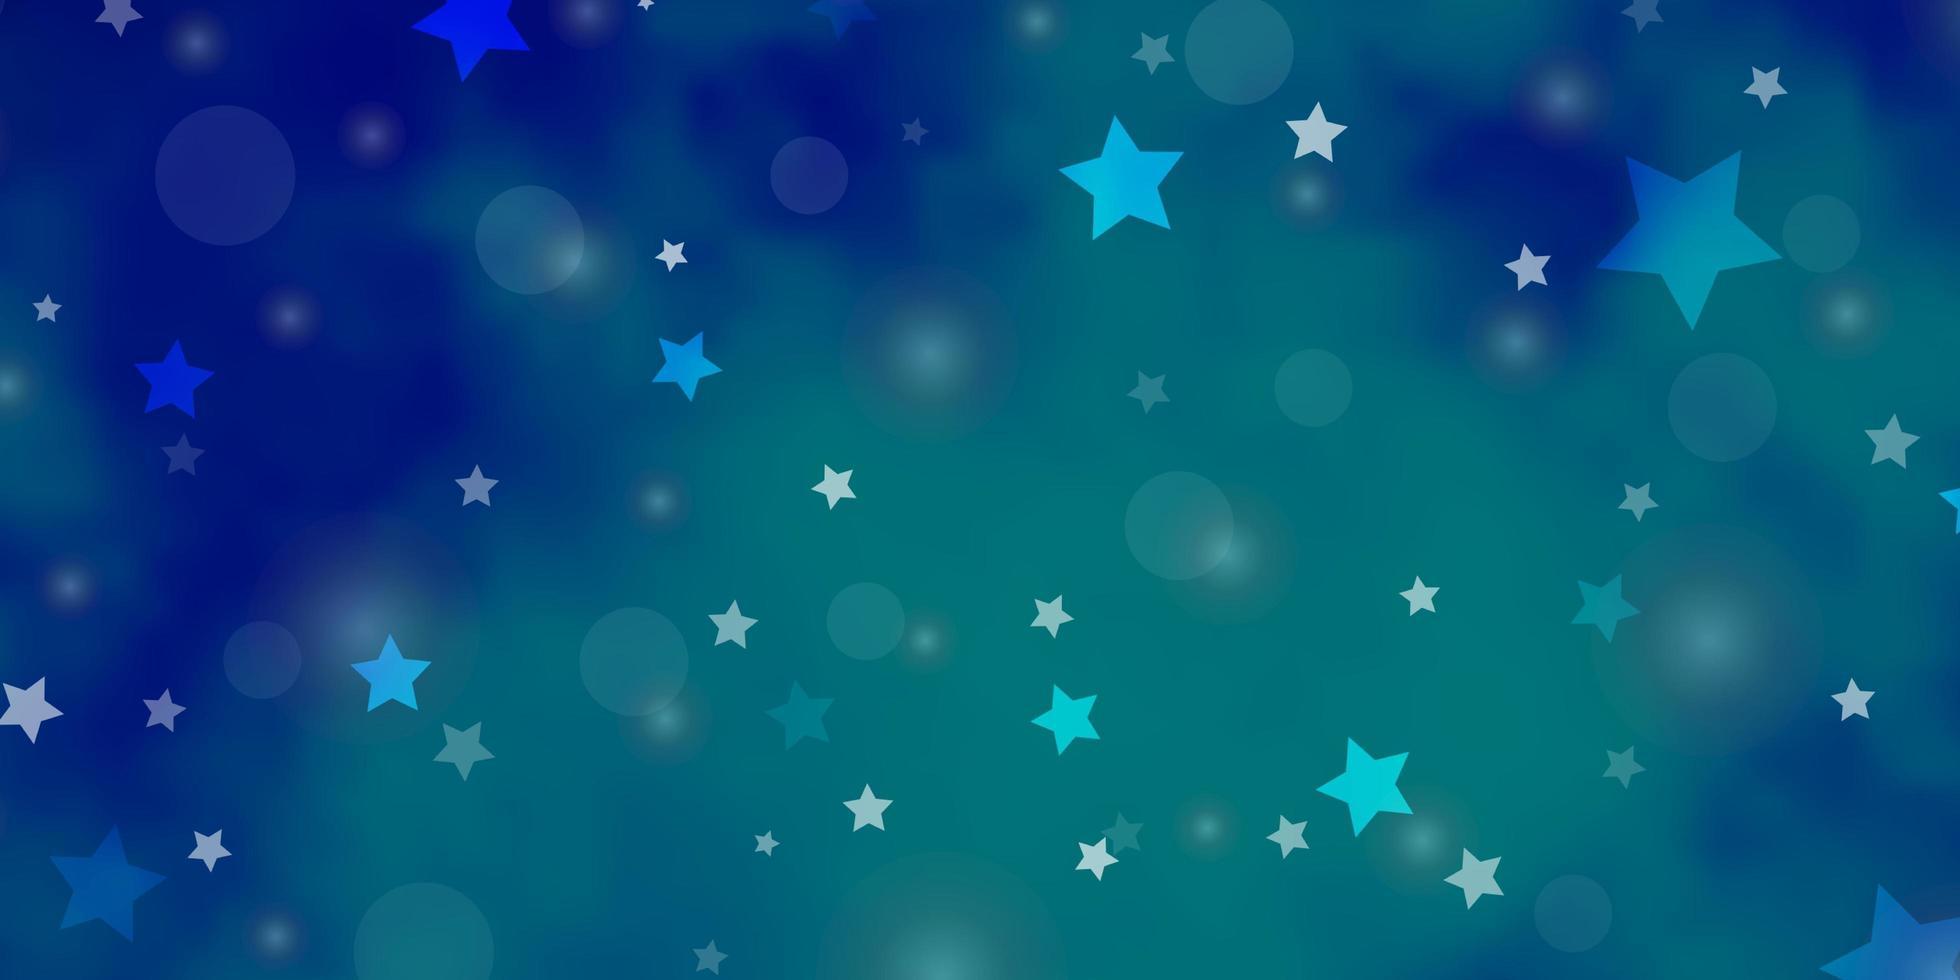 plantilla de vector azul claro con círculos, estrellas.